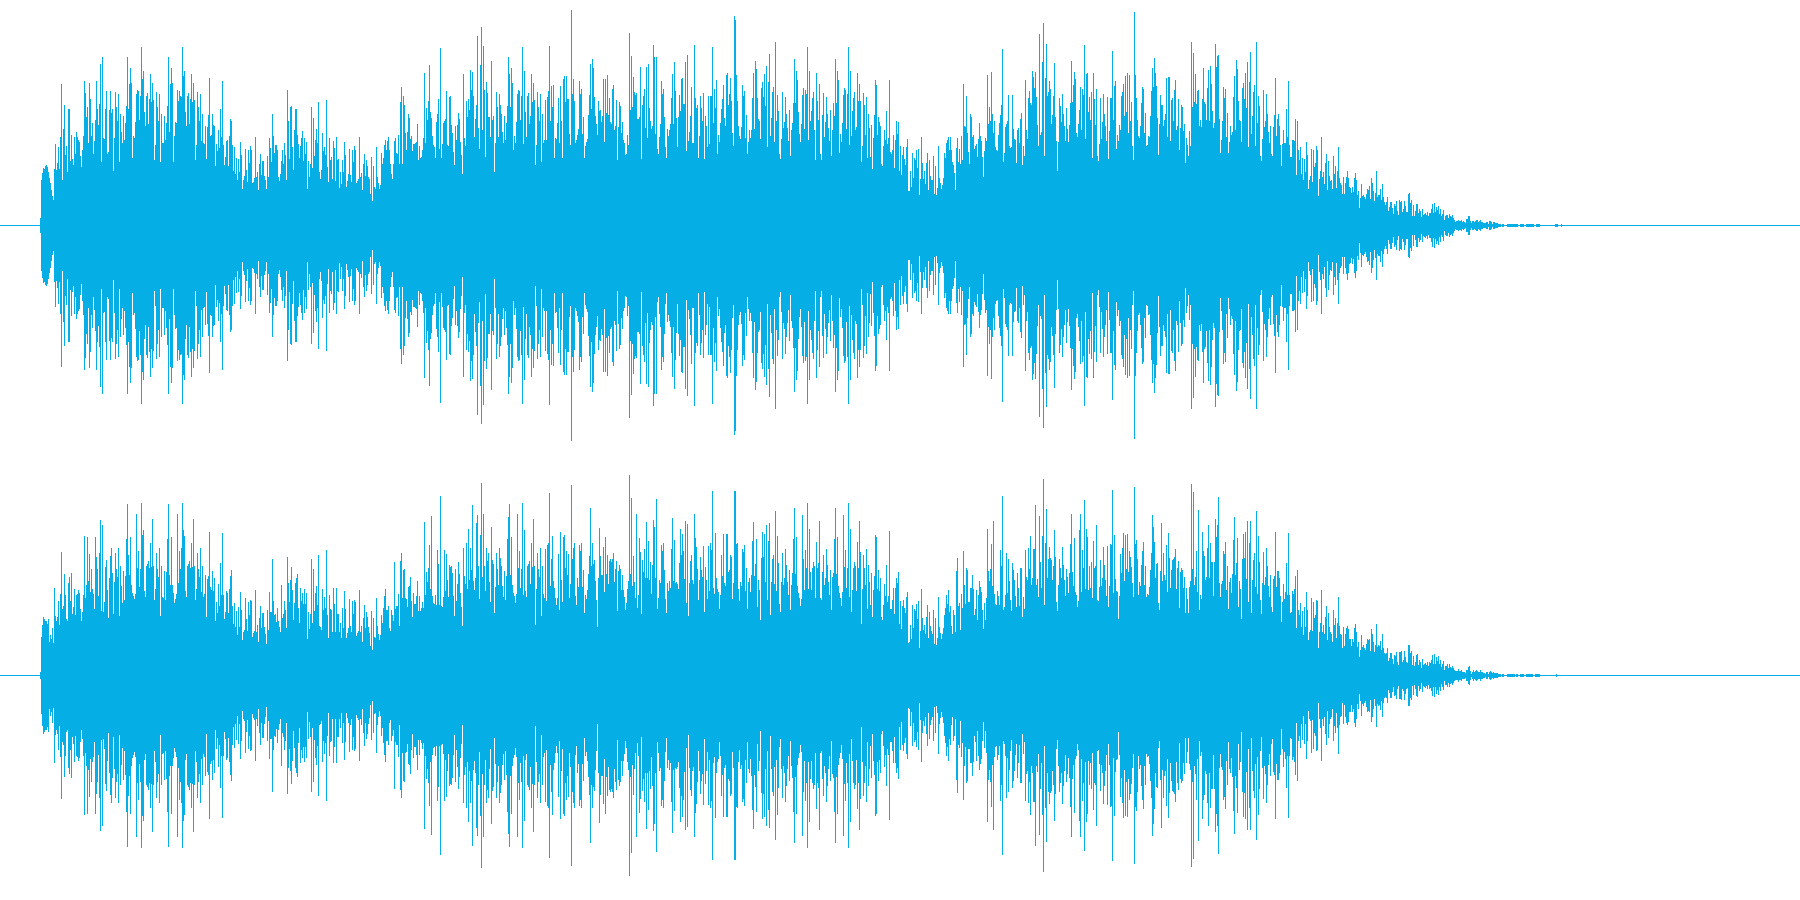 機関銃の再生済みの波形